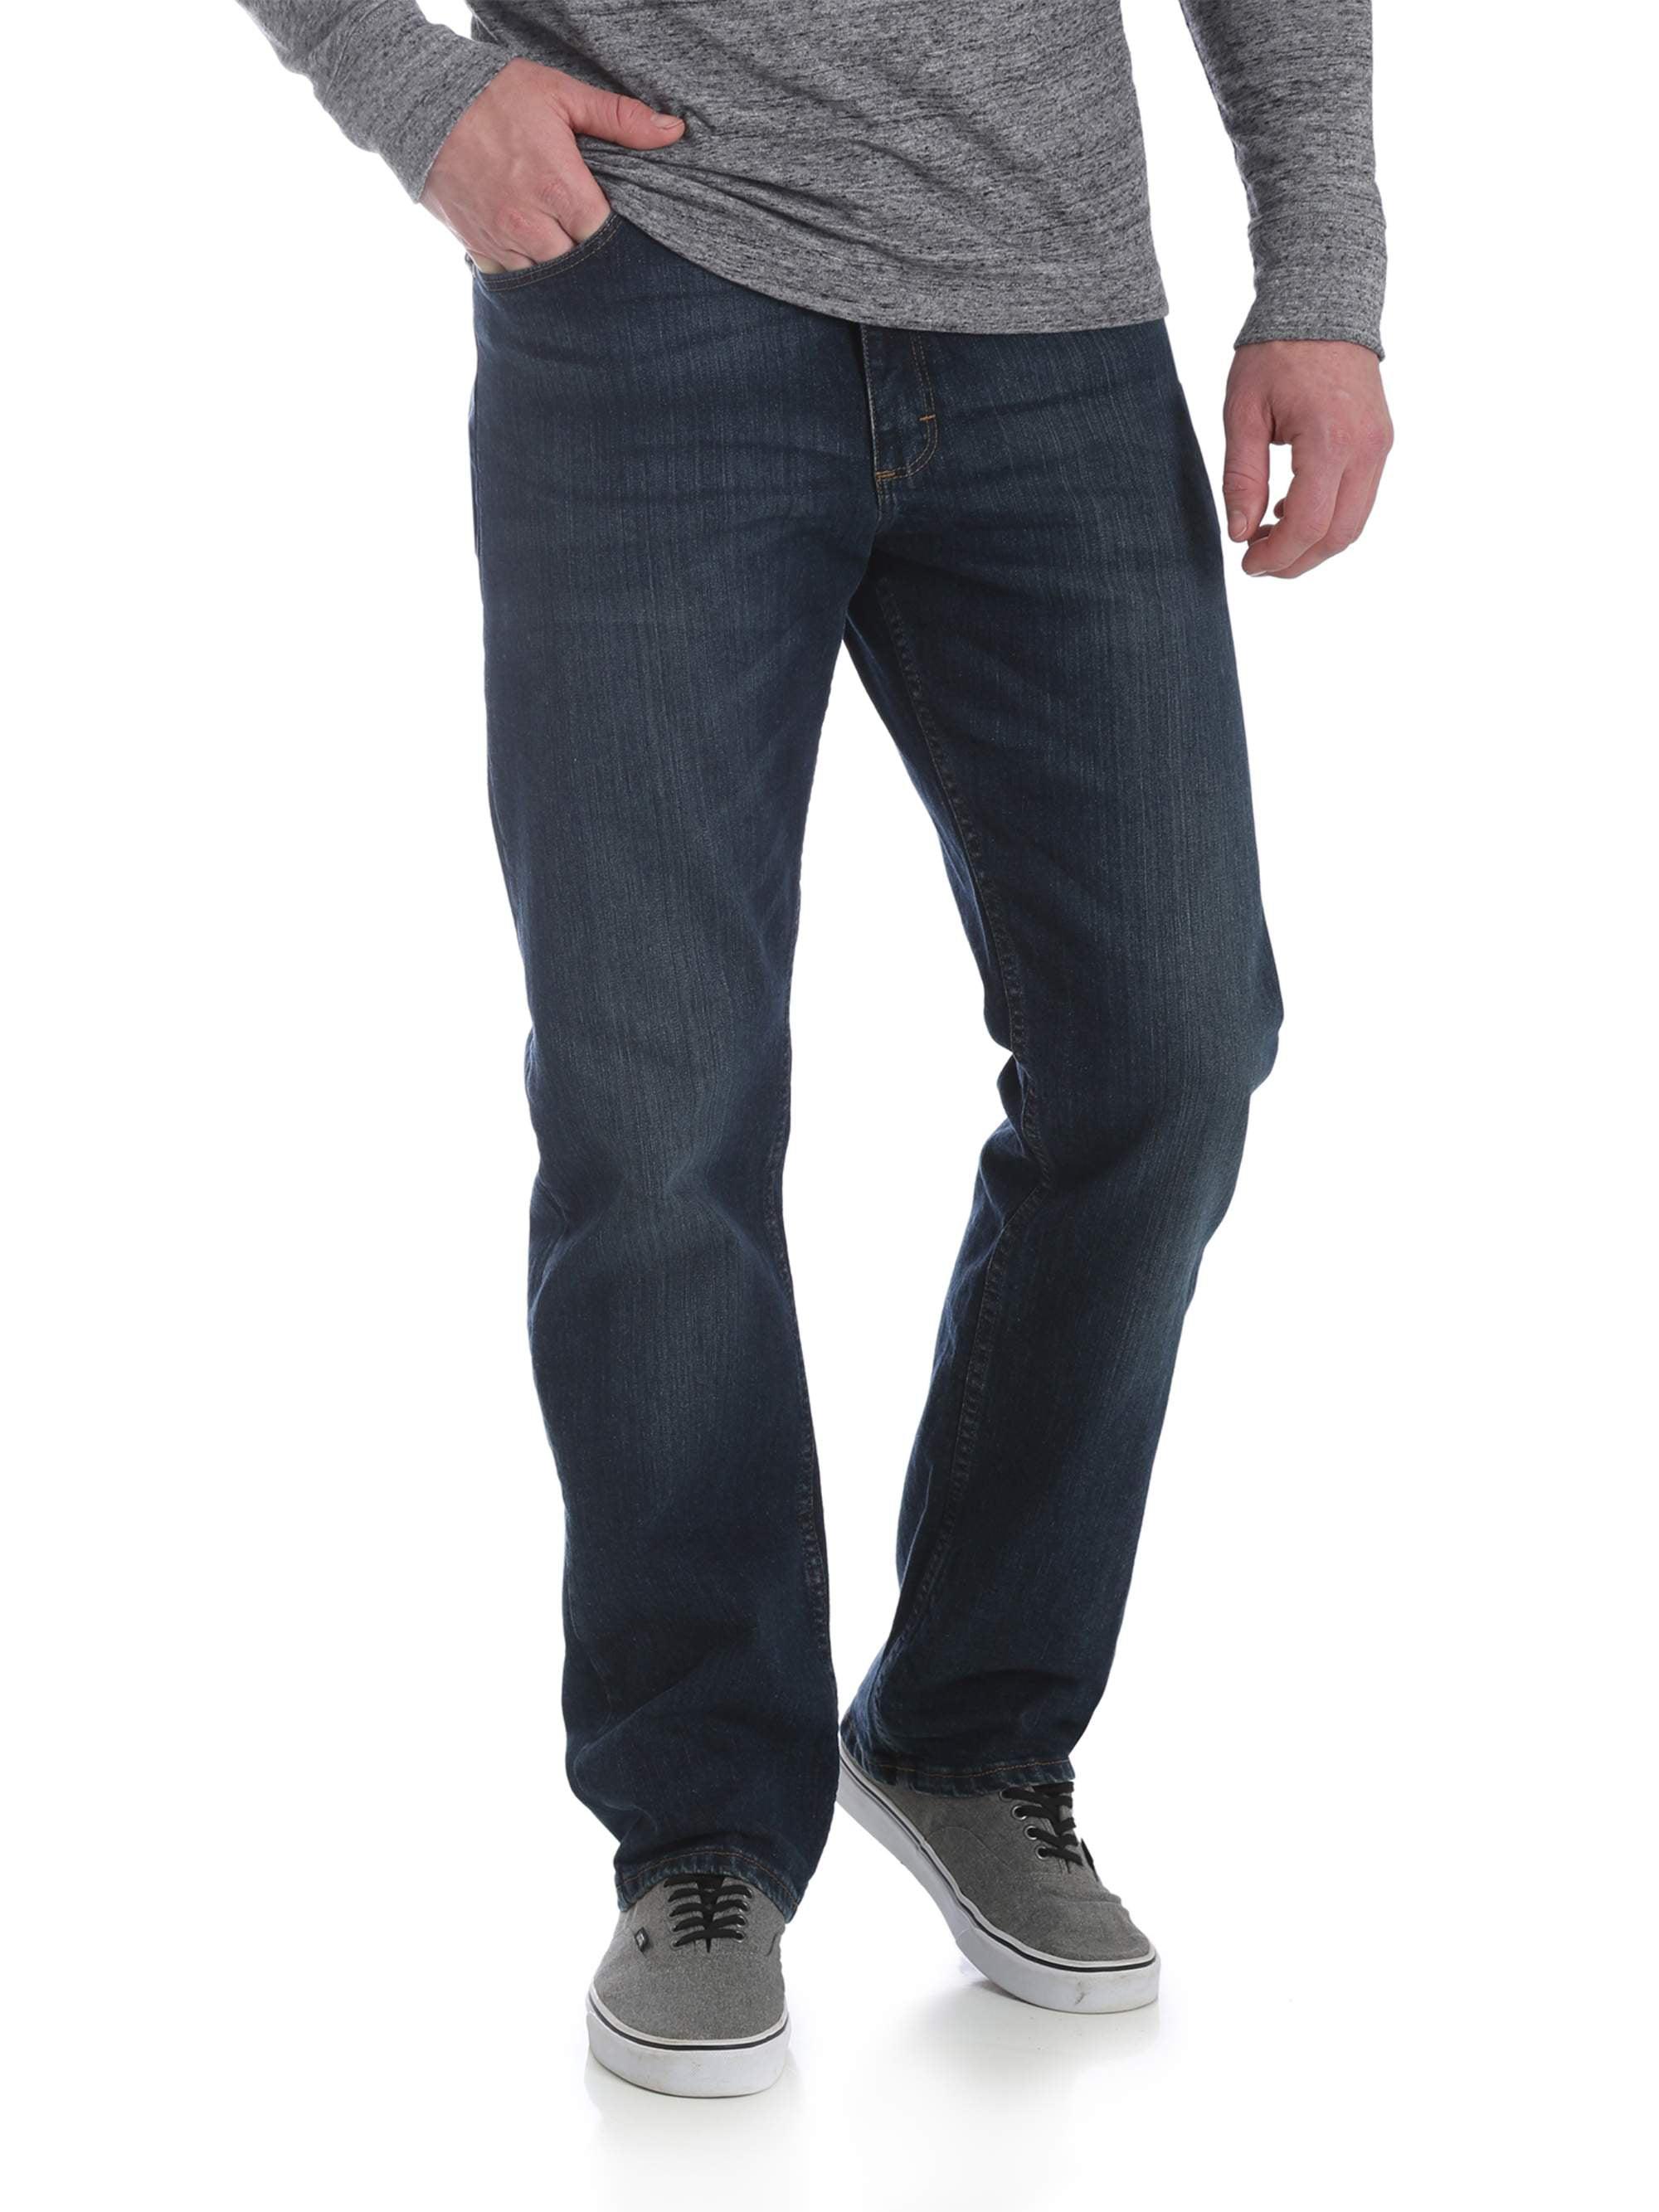 NEW Wrangler Men/'s Slim Straight Leg Denim Flex For Comfort Jeans Blue Color